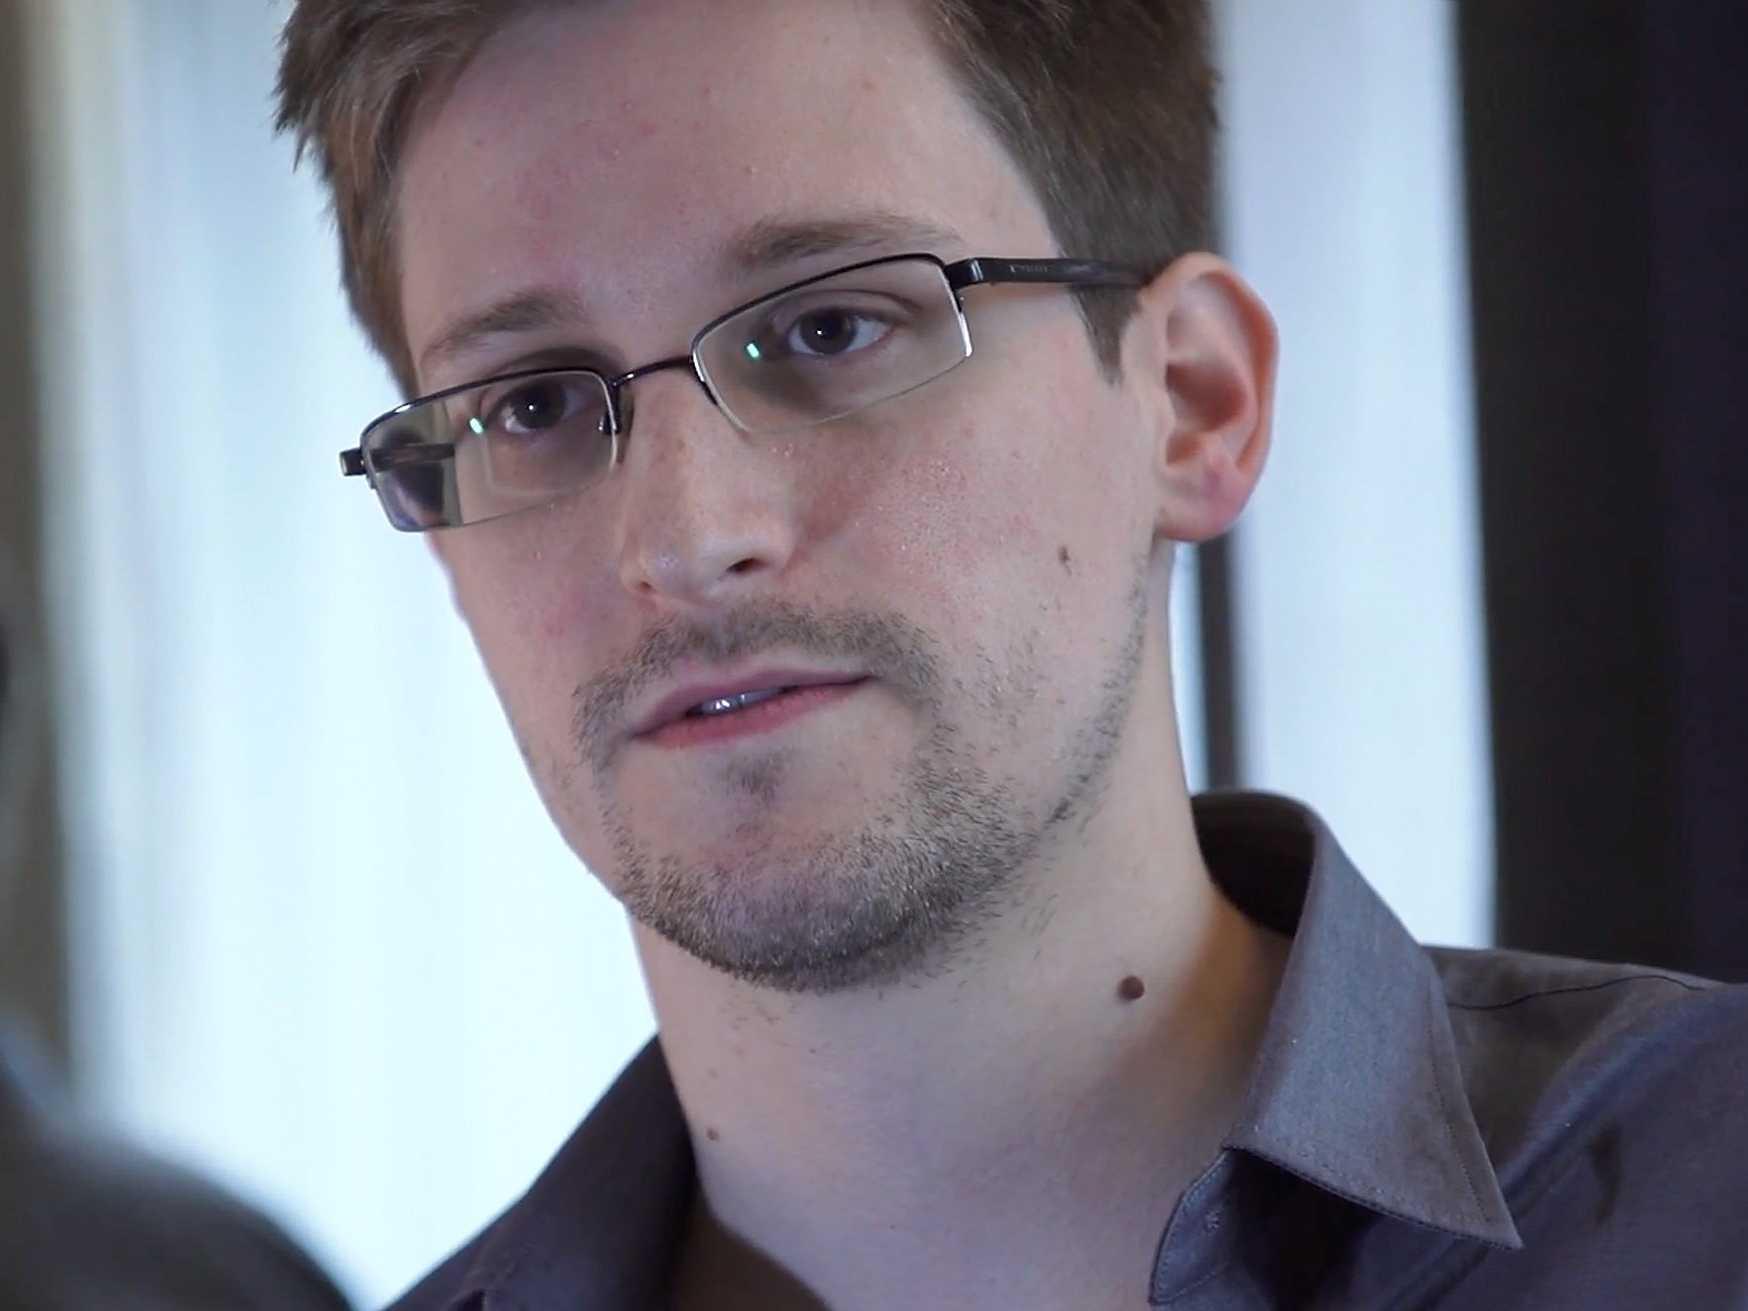 Entenda o caso Snowden; Petrobras também é alvo de espionagem | EBC - Conteúdo público de educação, cidadania, infantil, notícias e mais - edward_snowden